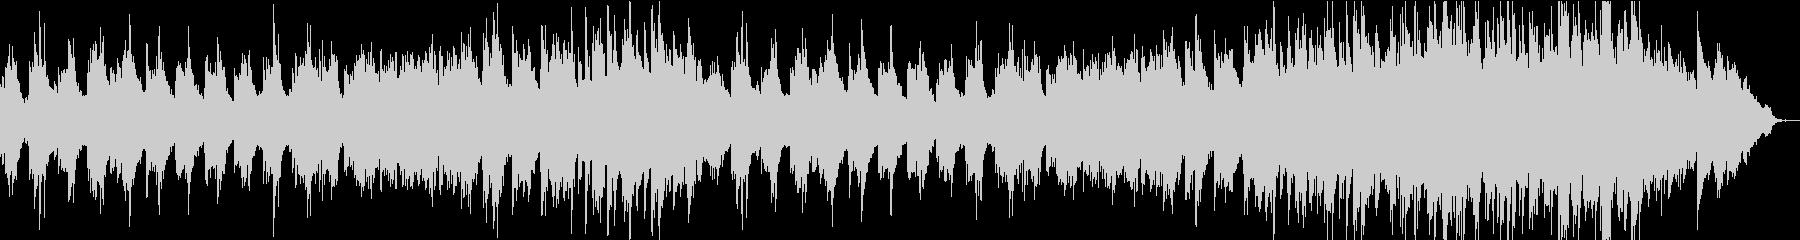 旋律を主体としたピアノ曲の未再生の波形